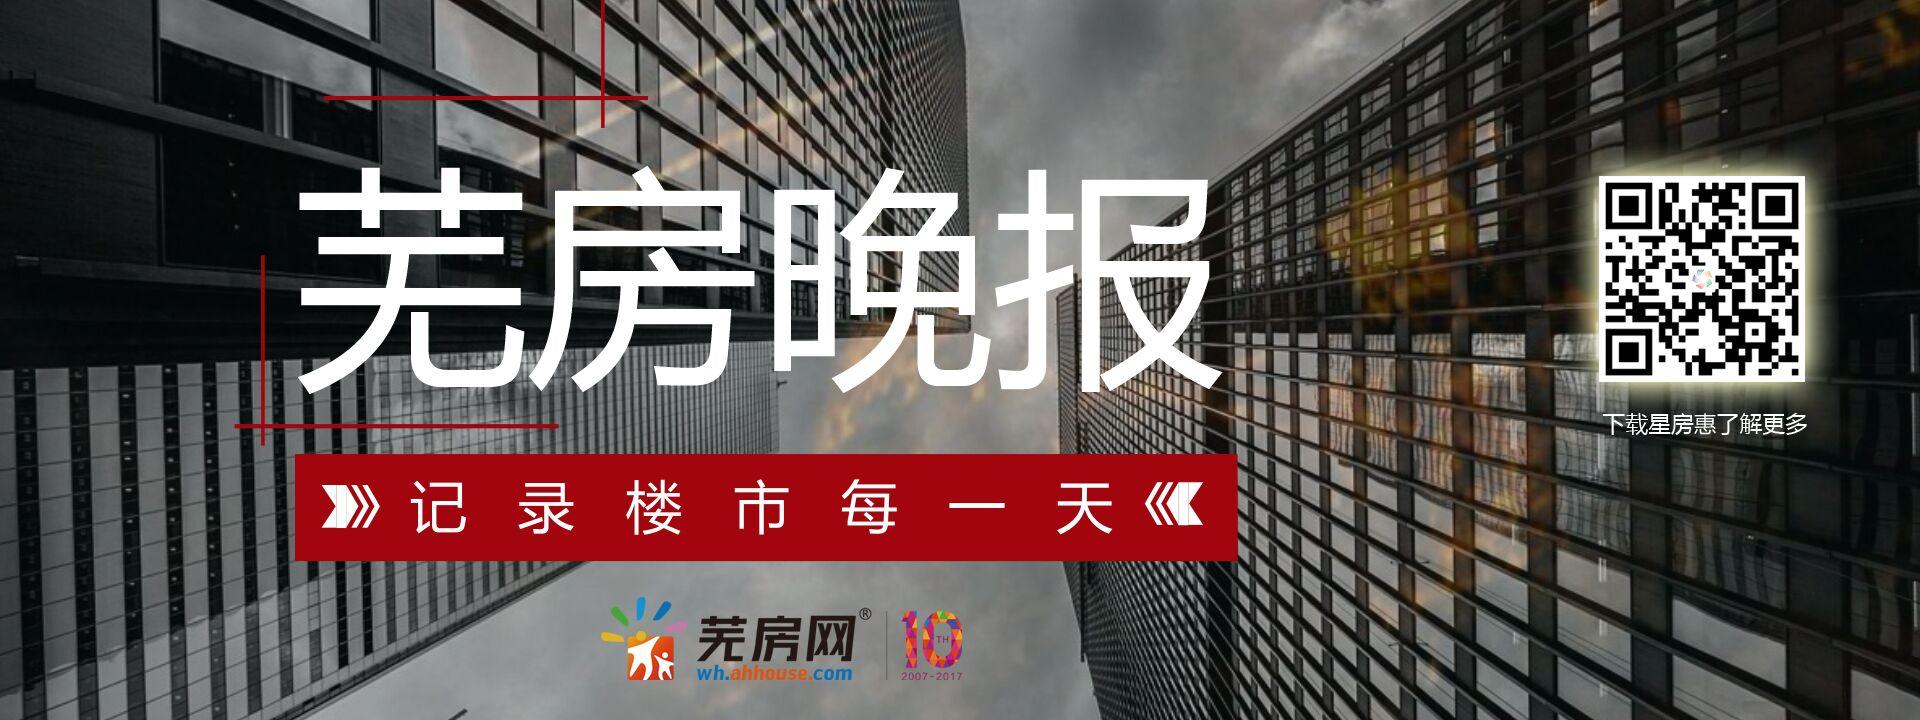 11.17芜房晚报:南陵出台新政 房价半年涨幅不得高于5%